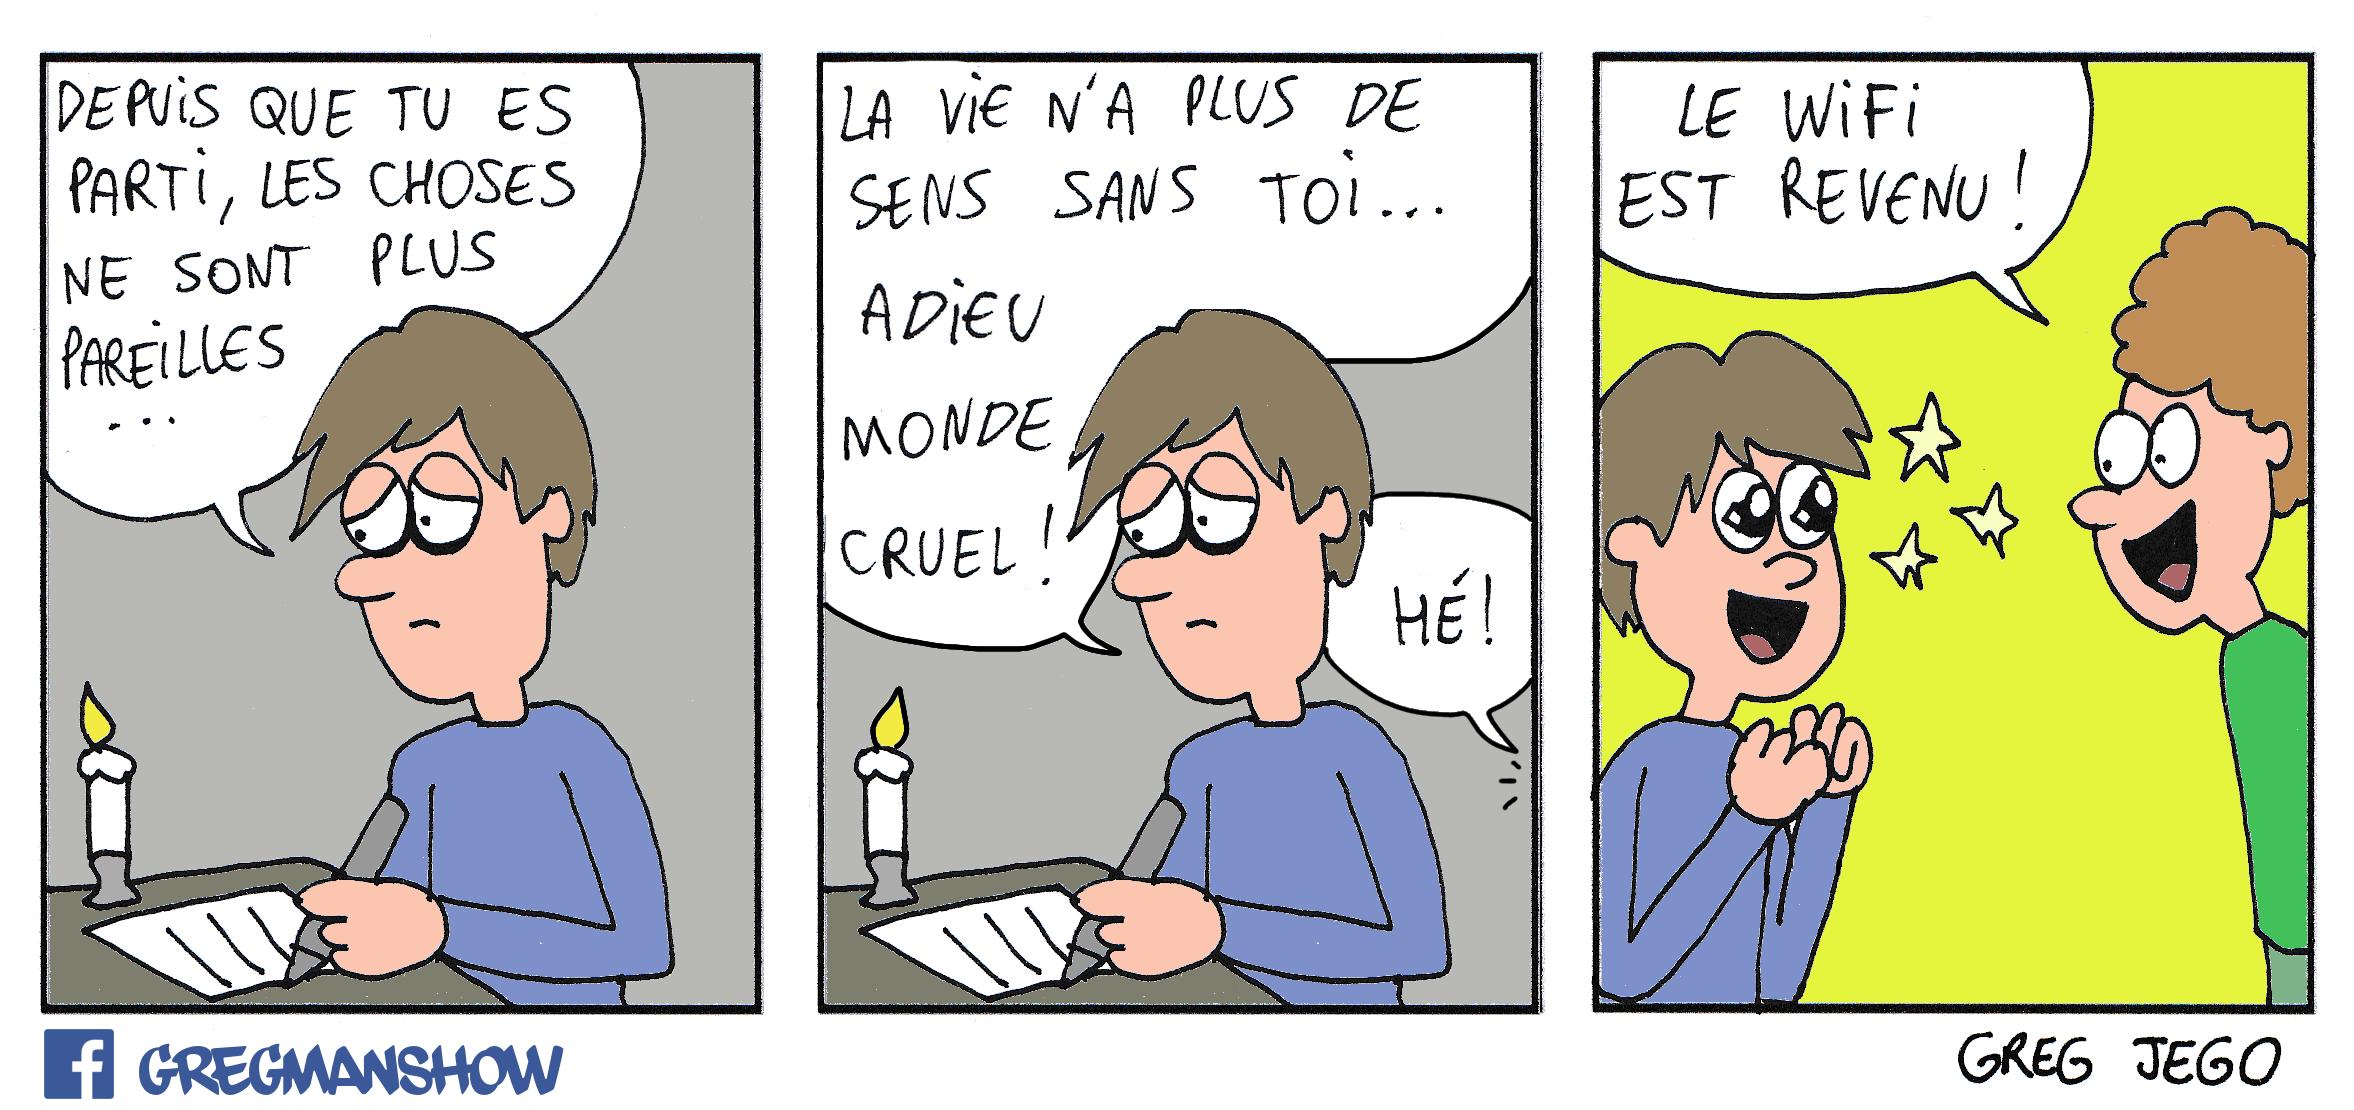 The Greagman Show Le wifi est revenu humour dépression